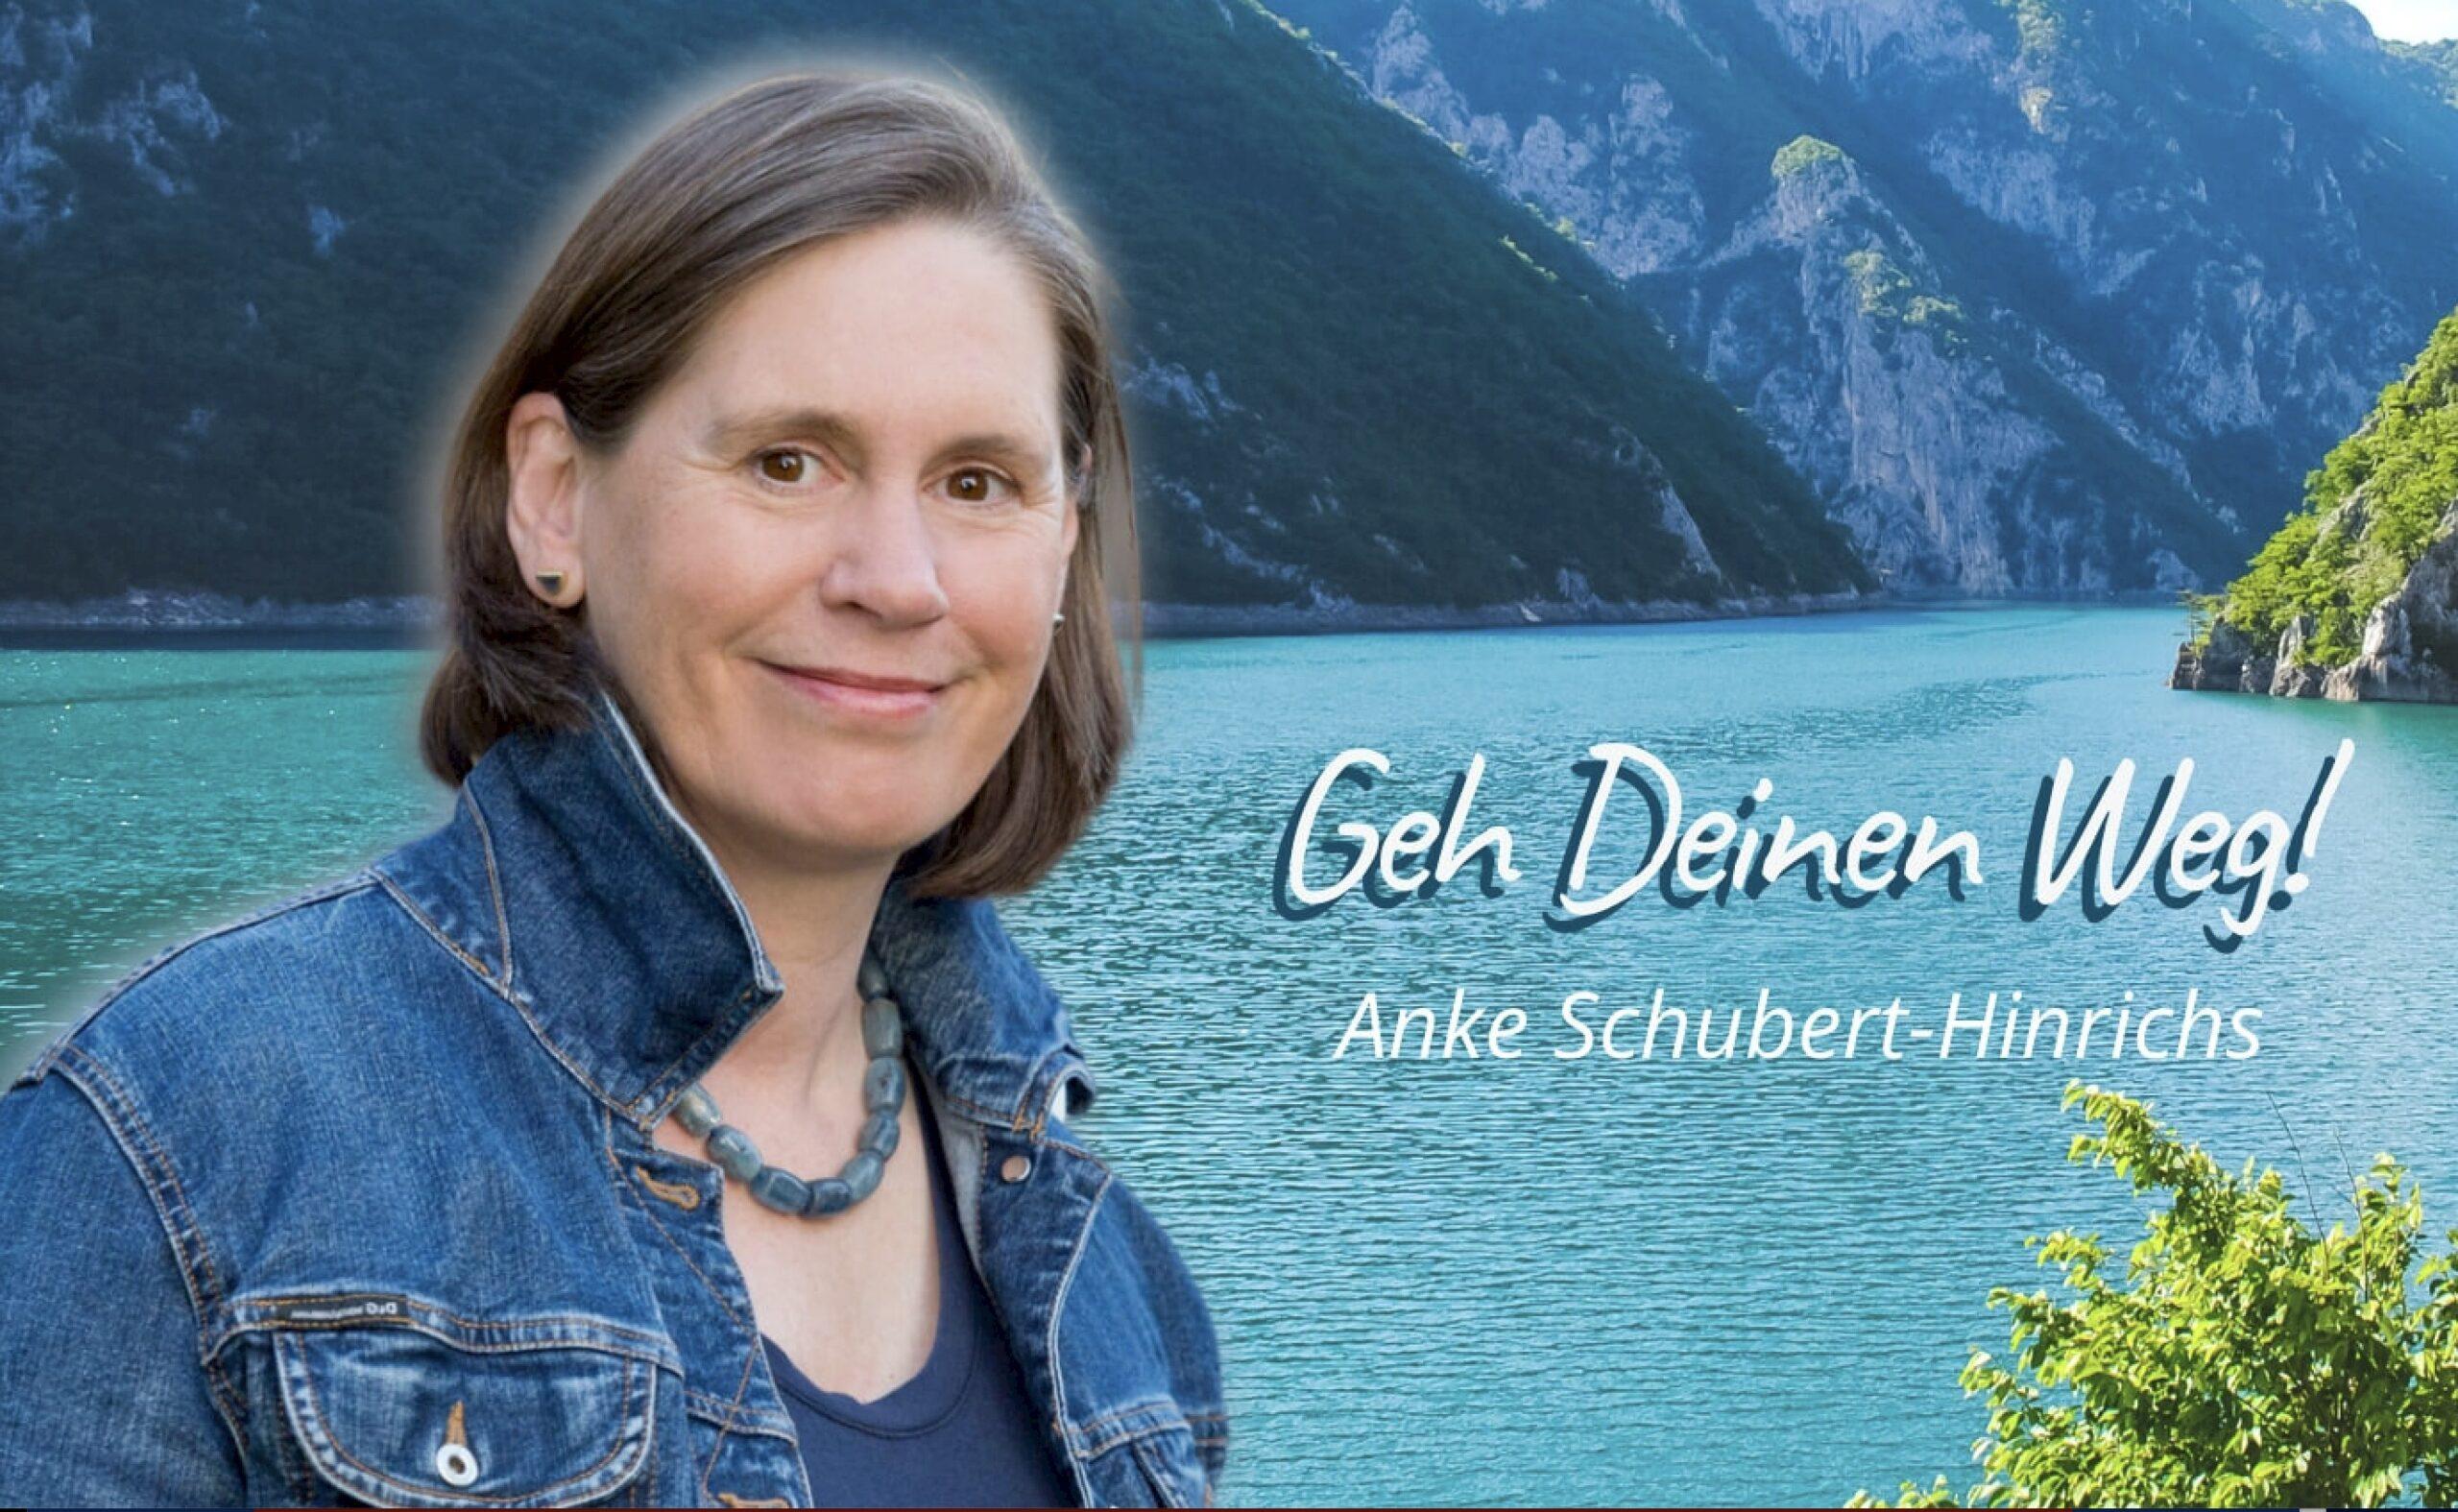 Anke Schubert-Hinrichs